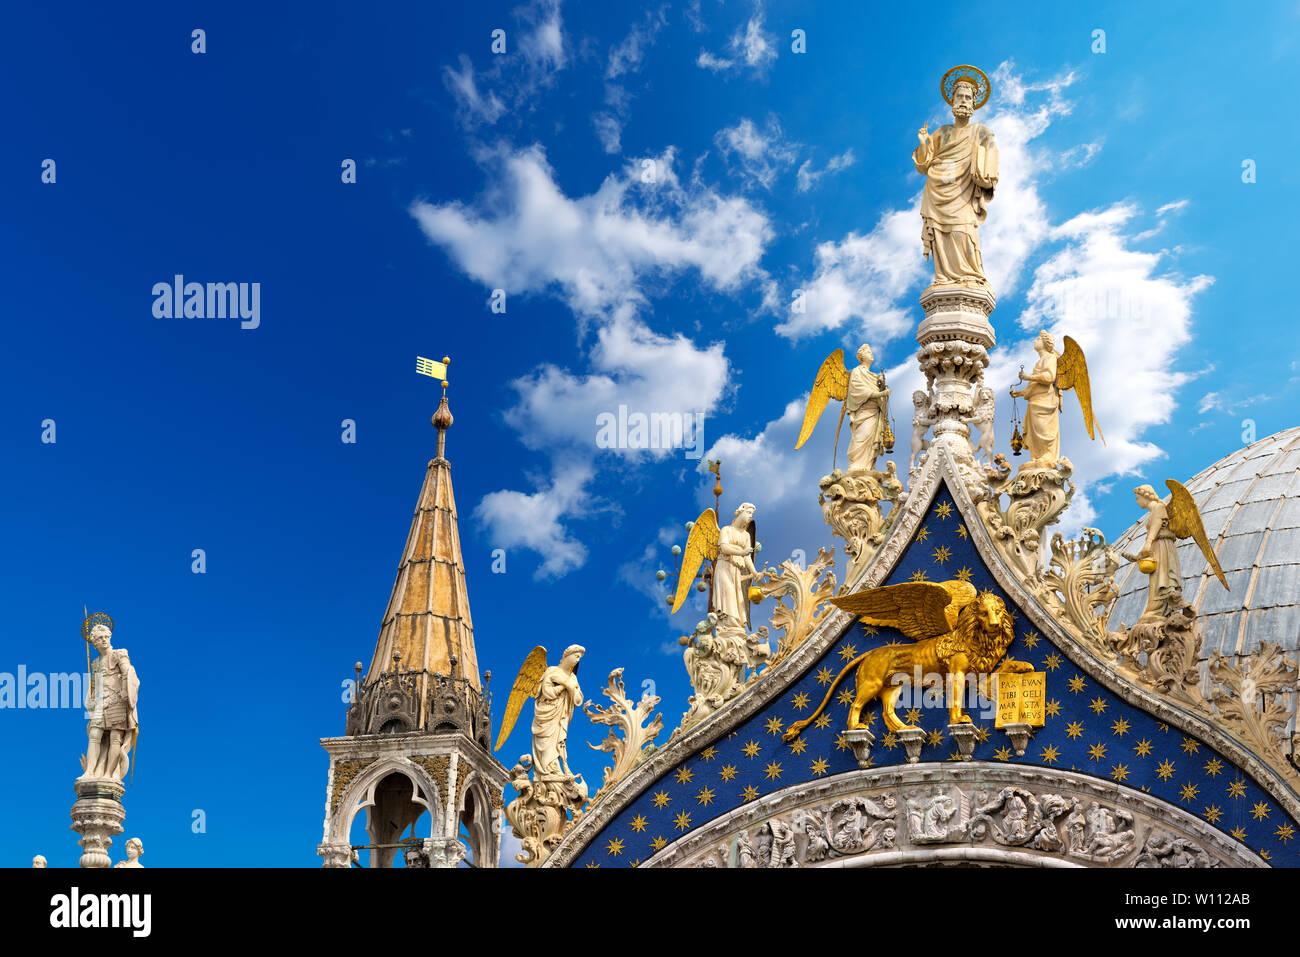 Basilique et cathédrale de San Marco (St. Marc l'Évangéliste), Venise, UNESCO World Heritage site, Vénétie, Italie, Europe Banque D'Images